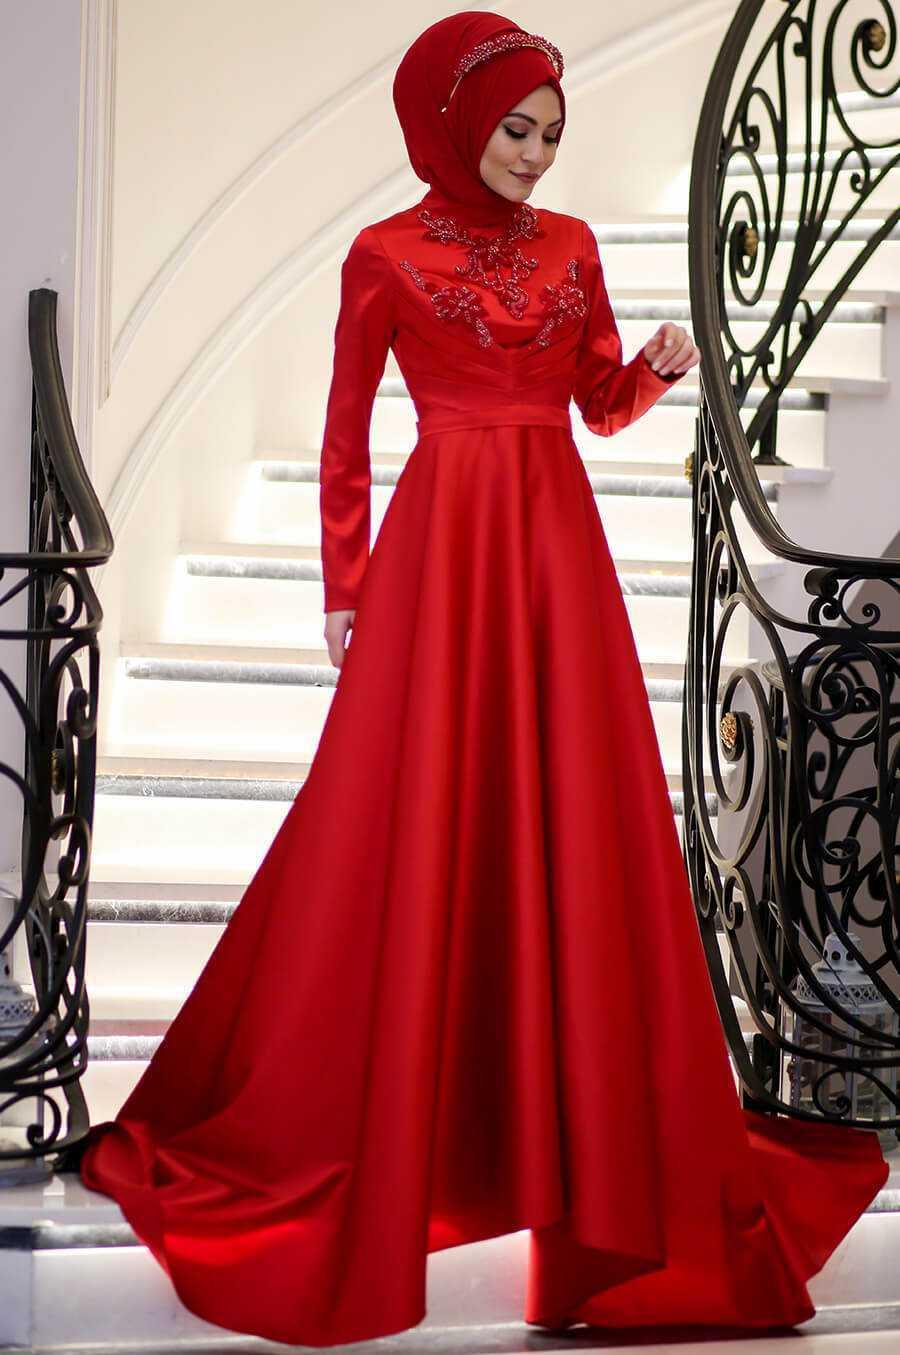 Minel Aşk Kırmızı Tesettür Abiye Elbise Modelleri